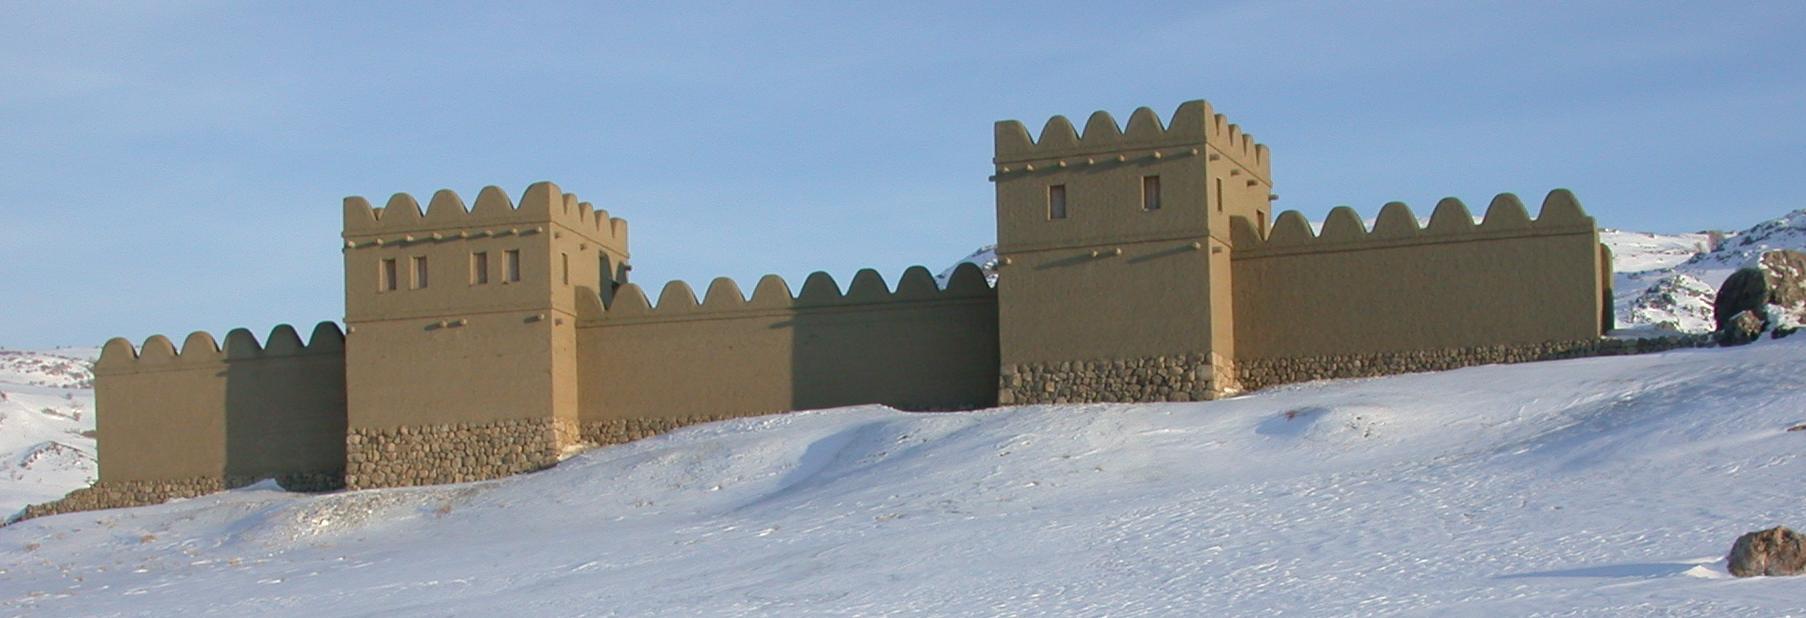 Hattuşa'nın ayağa kaldırılan 70 metrelik taş temelli kerpiç suru